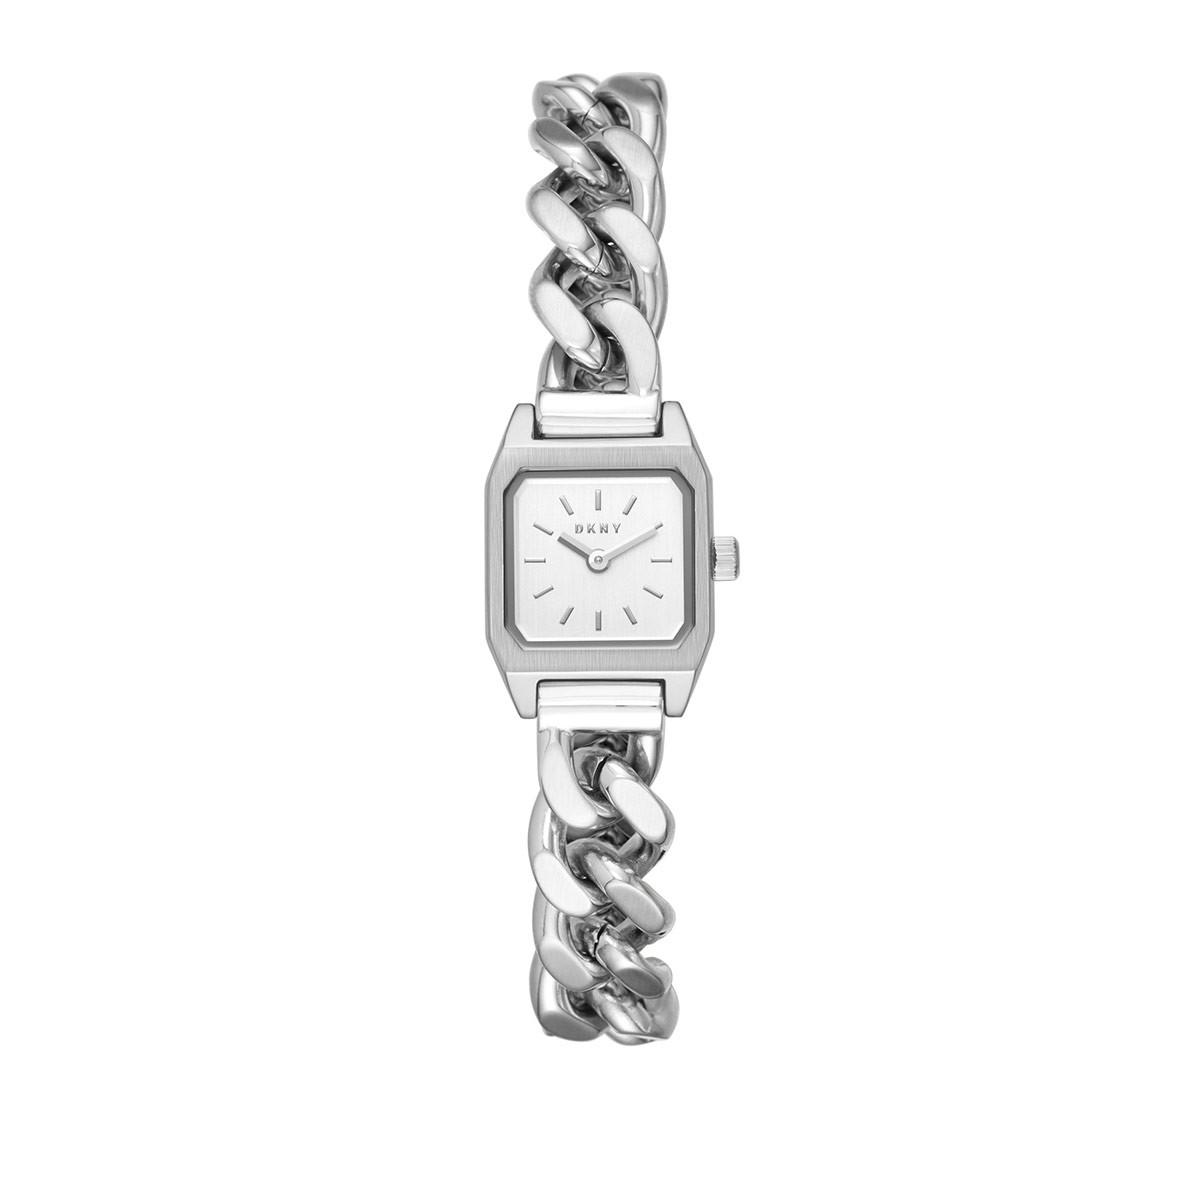 Dkny Horloges - Beekman EL5z9L8xNY Silver in zilver voor dames Cost Online Kopen Goedkope Kortingen Manchester Goedkope Online Kortingscodes Klaring Winkel Kopen Goedkope Order RBiVkpWq